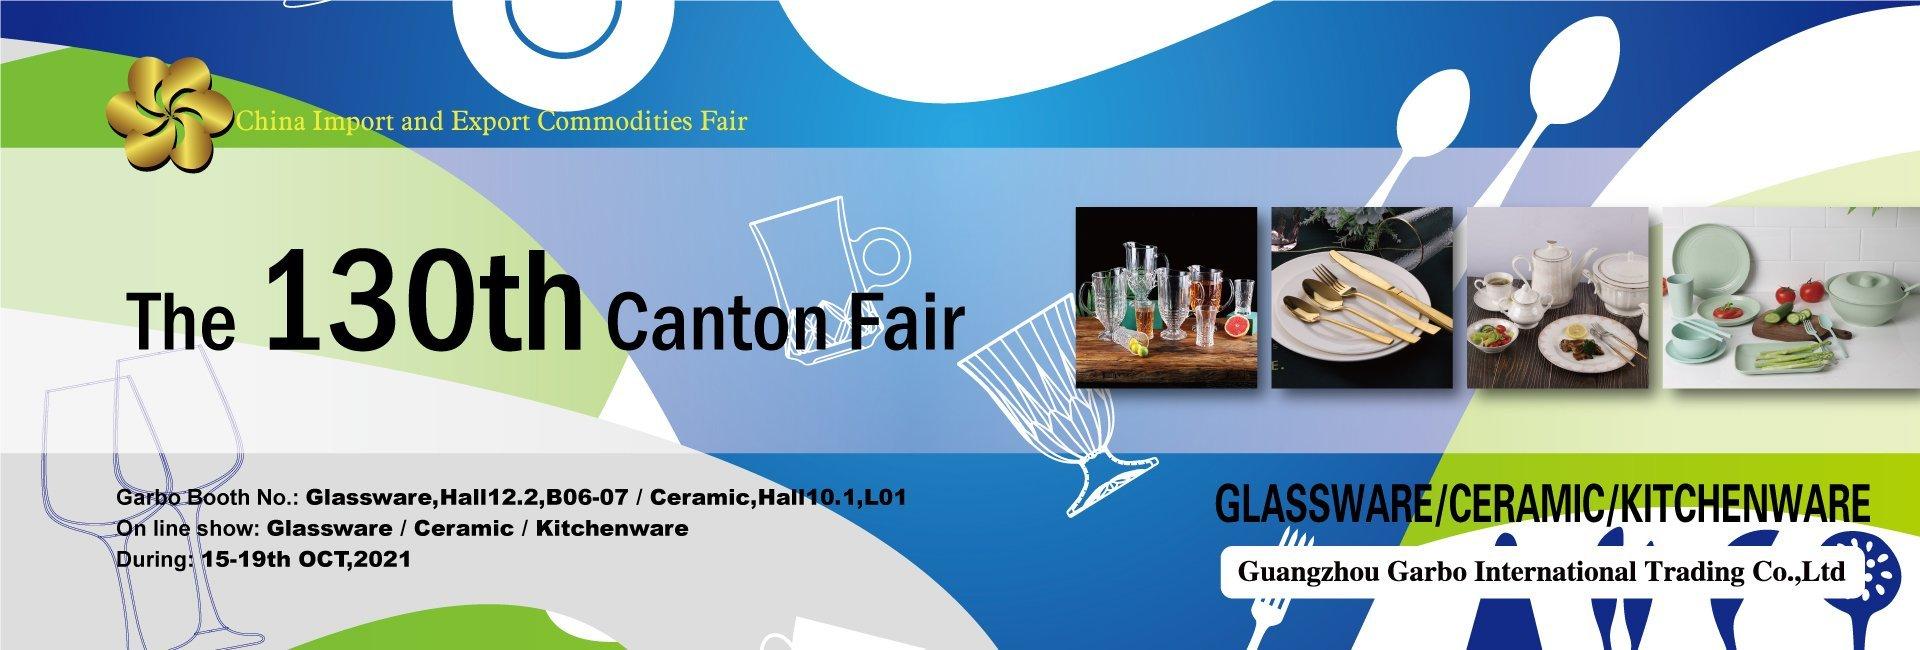 the 130th canton fair tableware exhibition